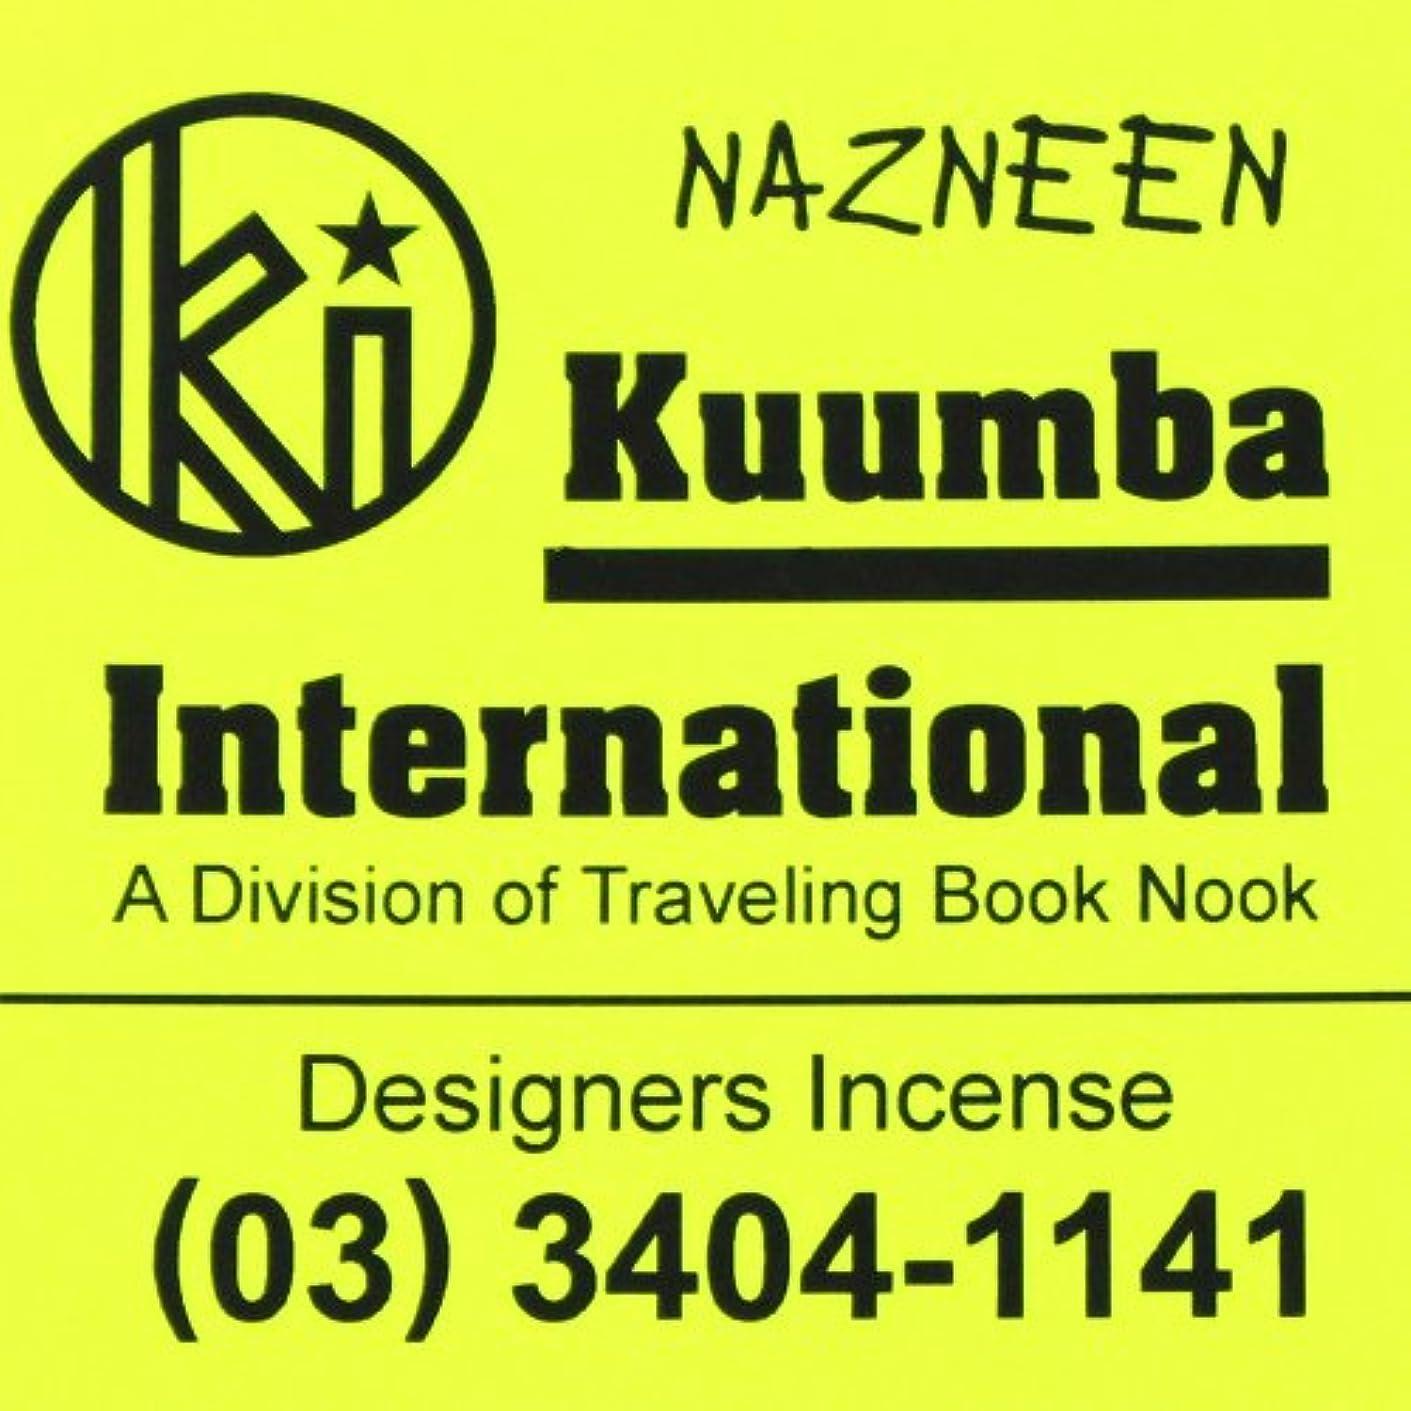 宇宙のハドルさせる(クンバ) KUUMBA『classic regular incense』(NAZNEEN) (Regular size)